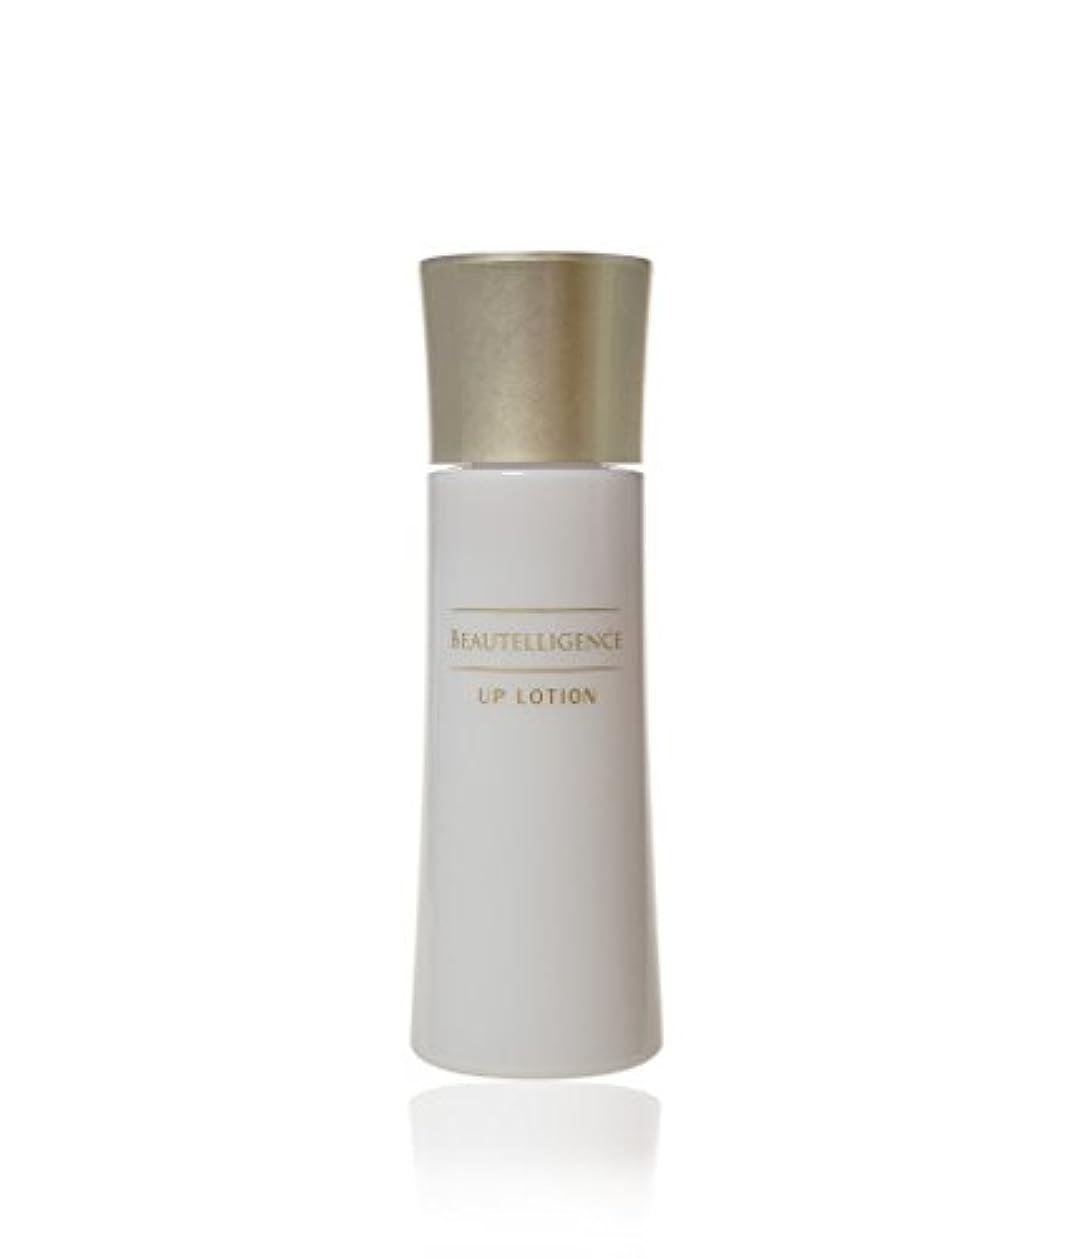 チャット不快モノグラフ[ アップローション ] ひきしめ 化粧水 美容液 ハリ NEWA オシリフト グリシルグリシン エイジングケア